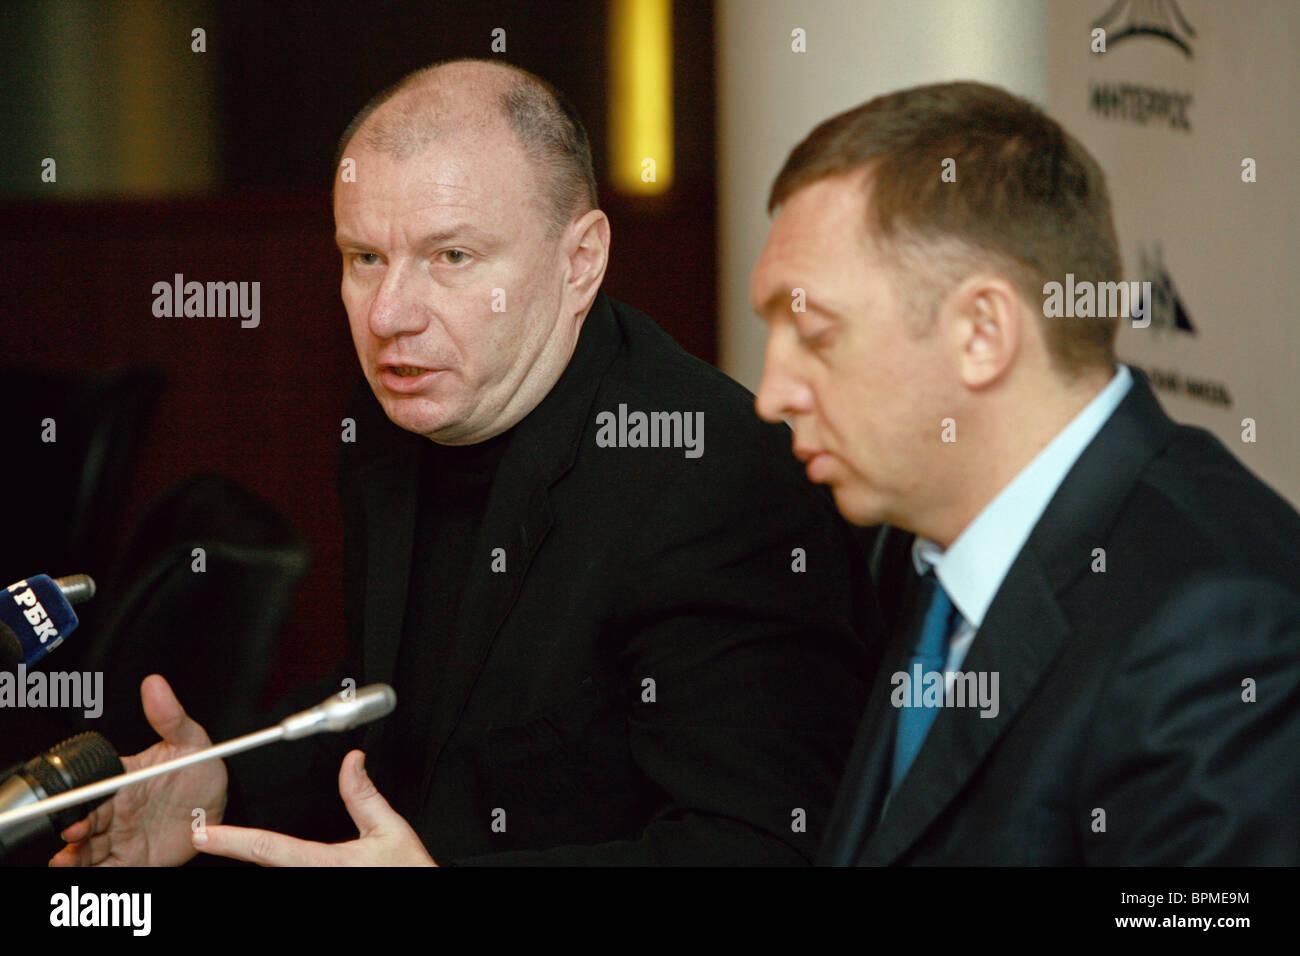 Norilsk Nickel investors agree on company's strategy Stock Photo